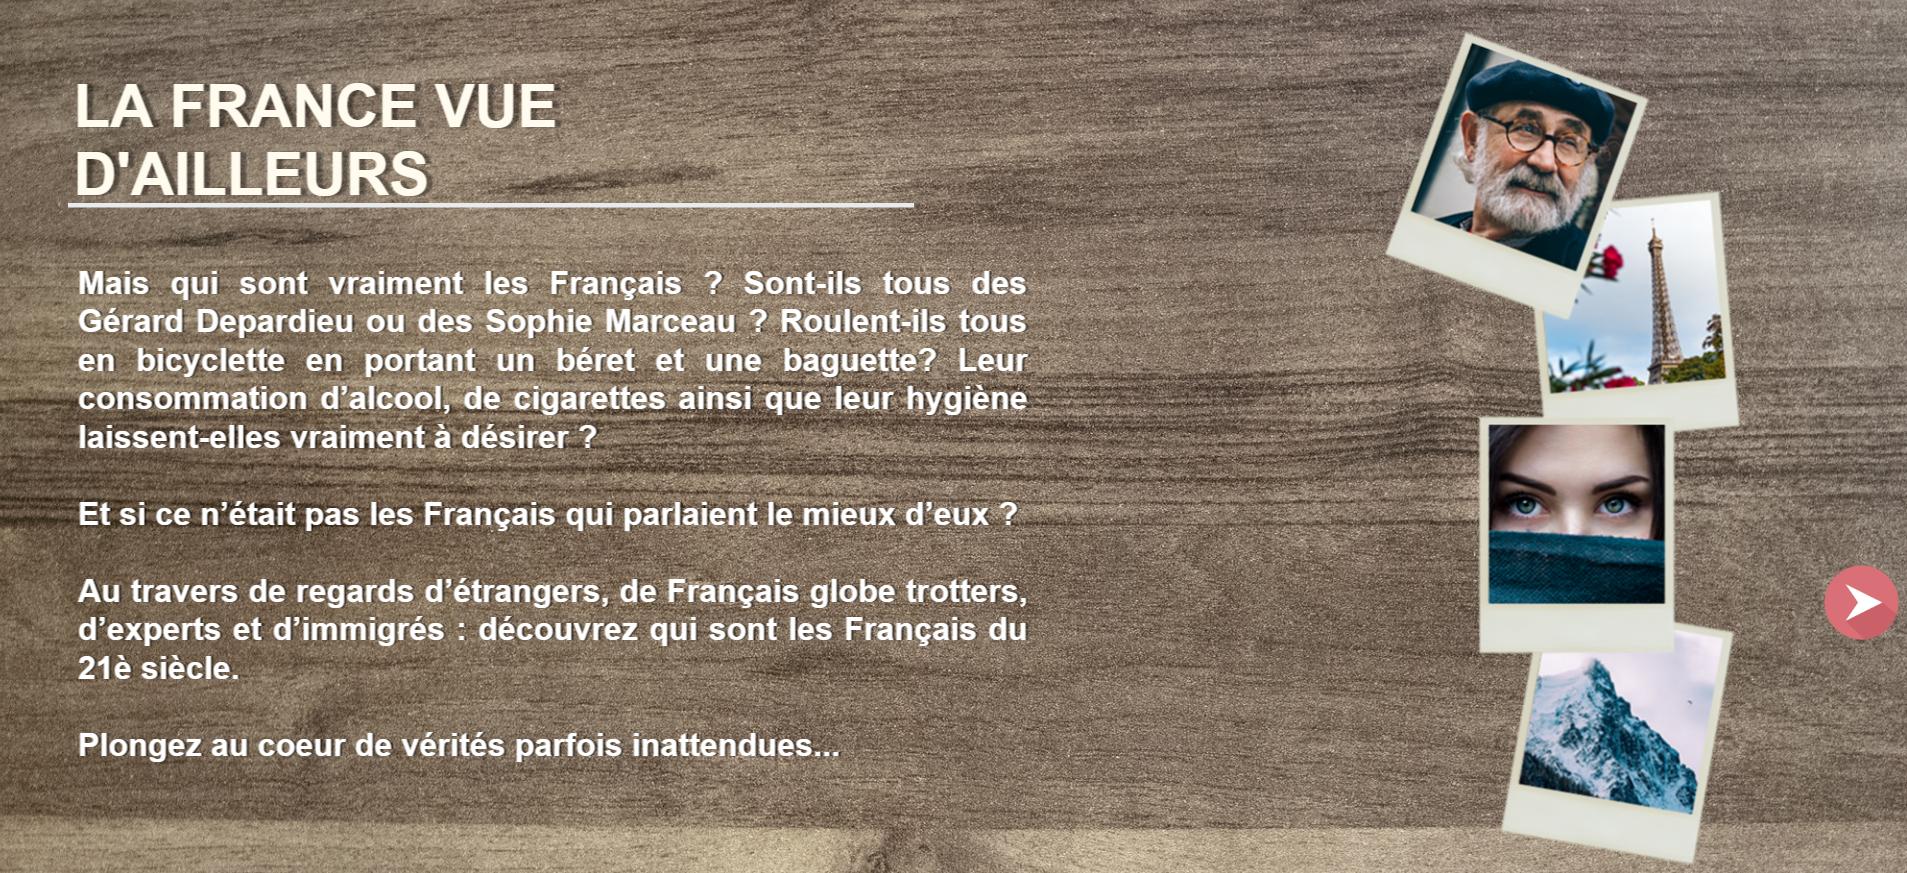 La France vue d'ailleurs | Introduction